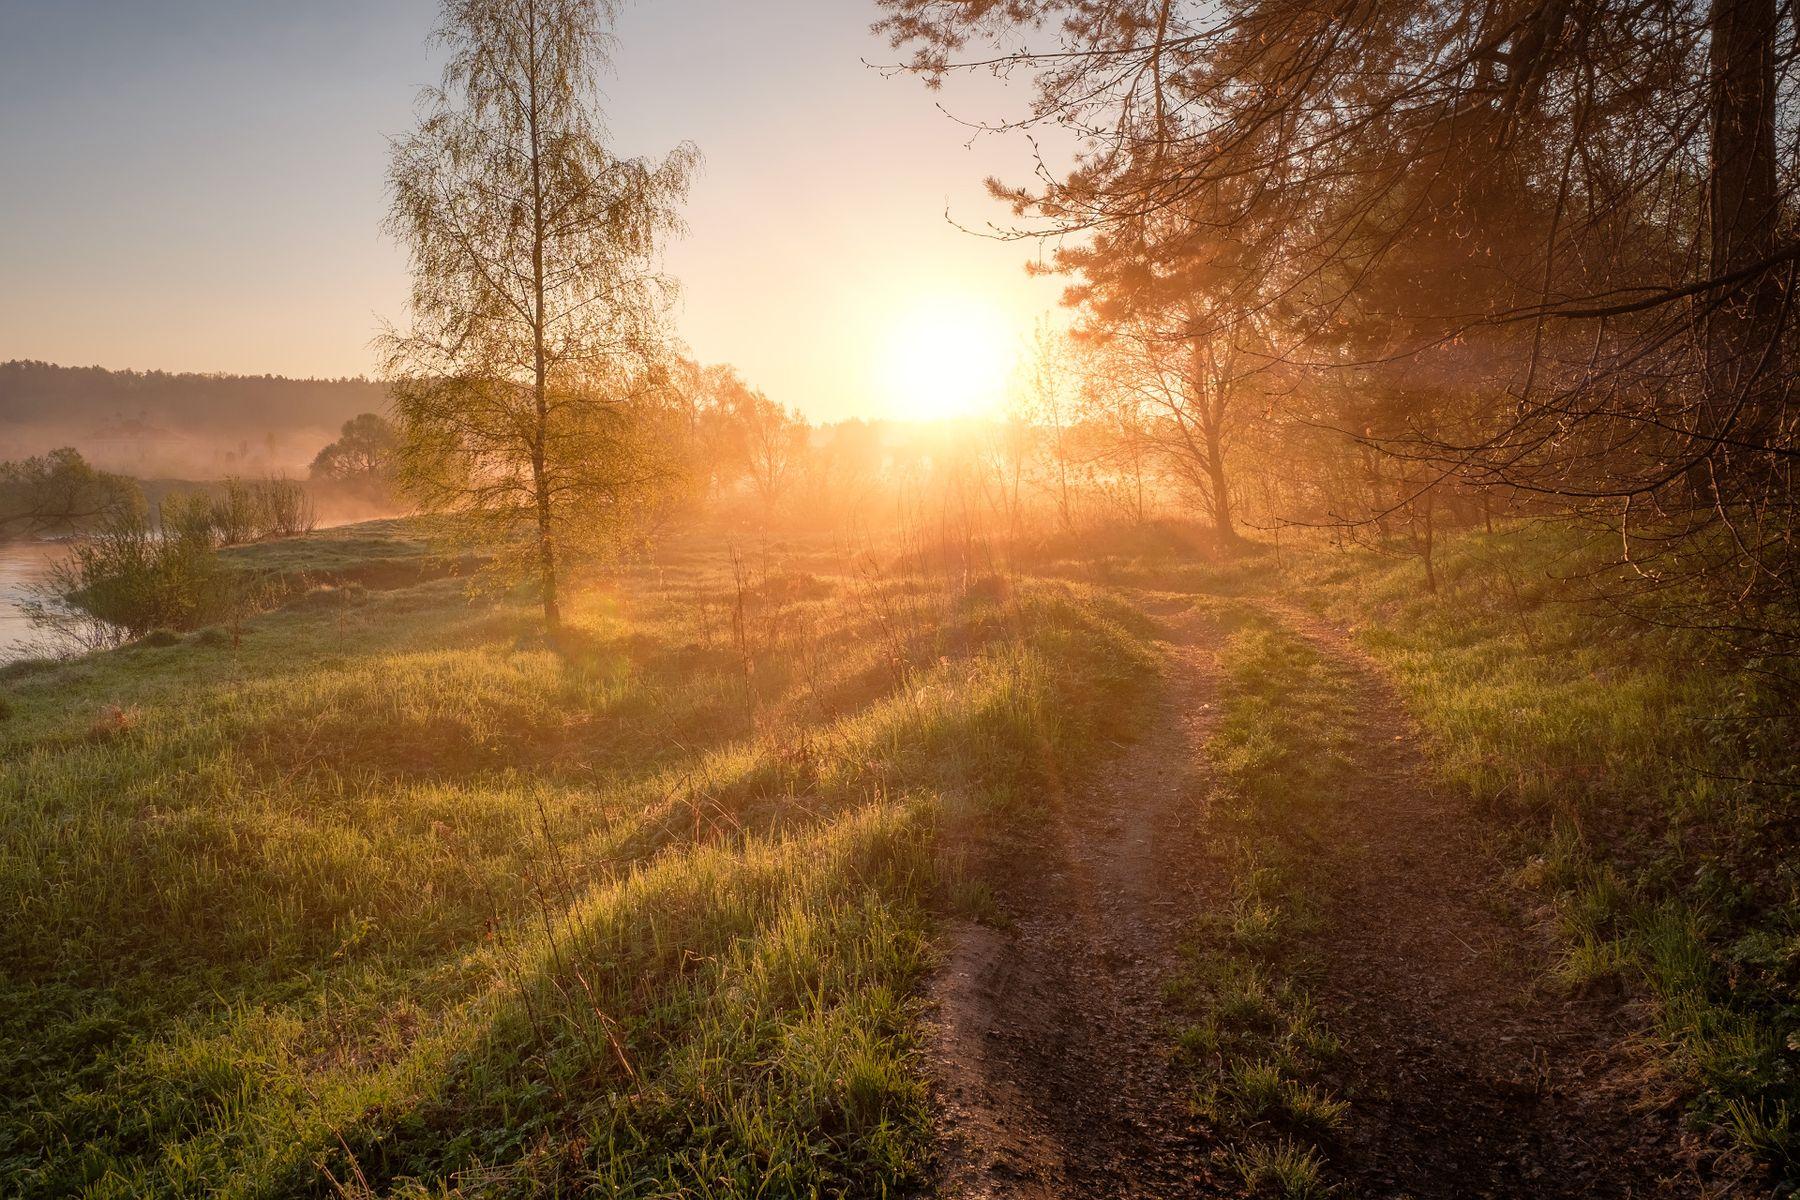 Солнце навстречу истра утро солнце деревья зелень роса рассвет река пейзаж